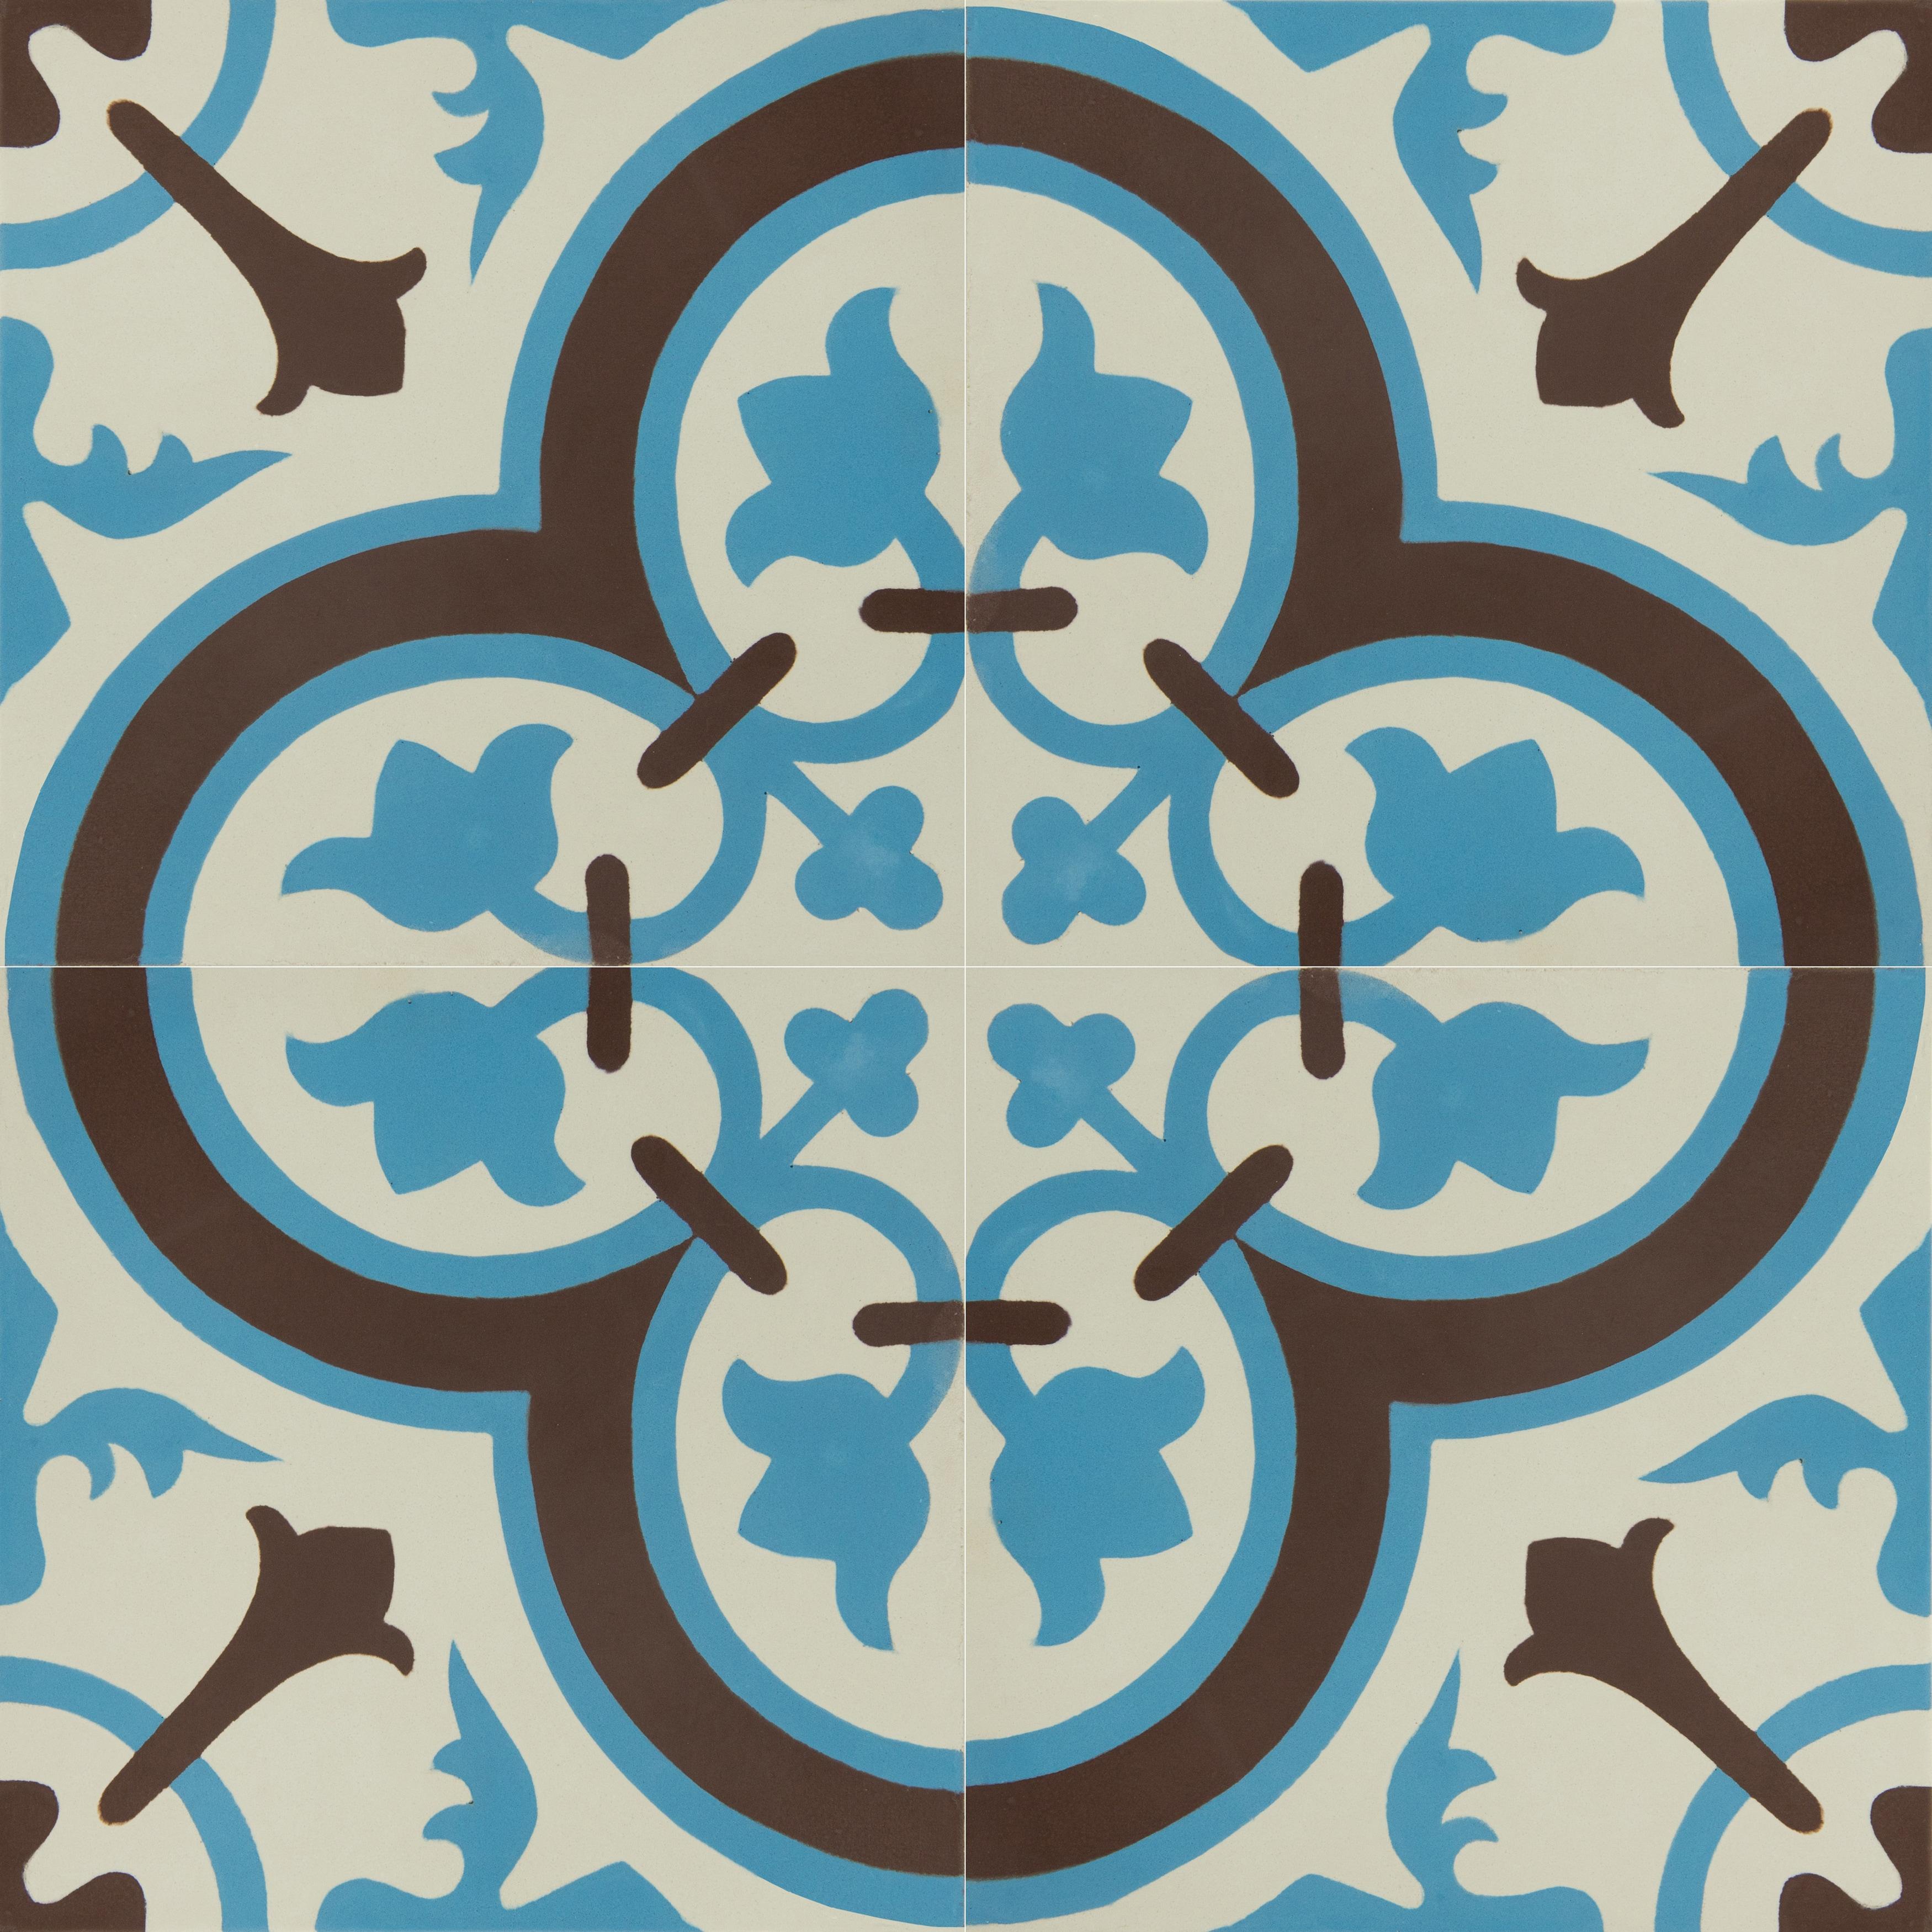 Granada Tile Echo Collection Cluny Cement Tile (50 tiles)